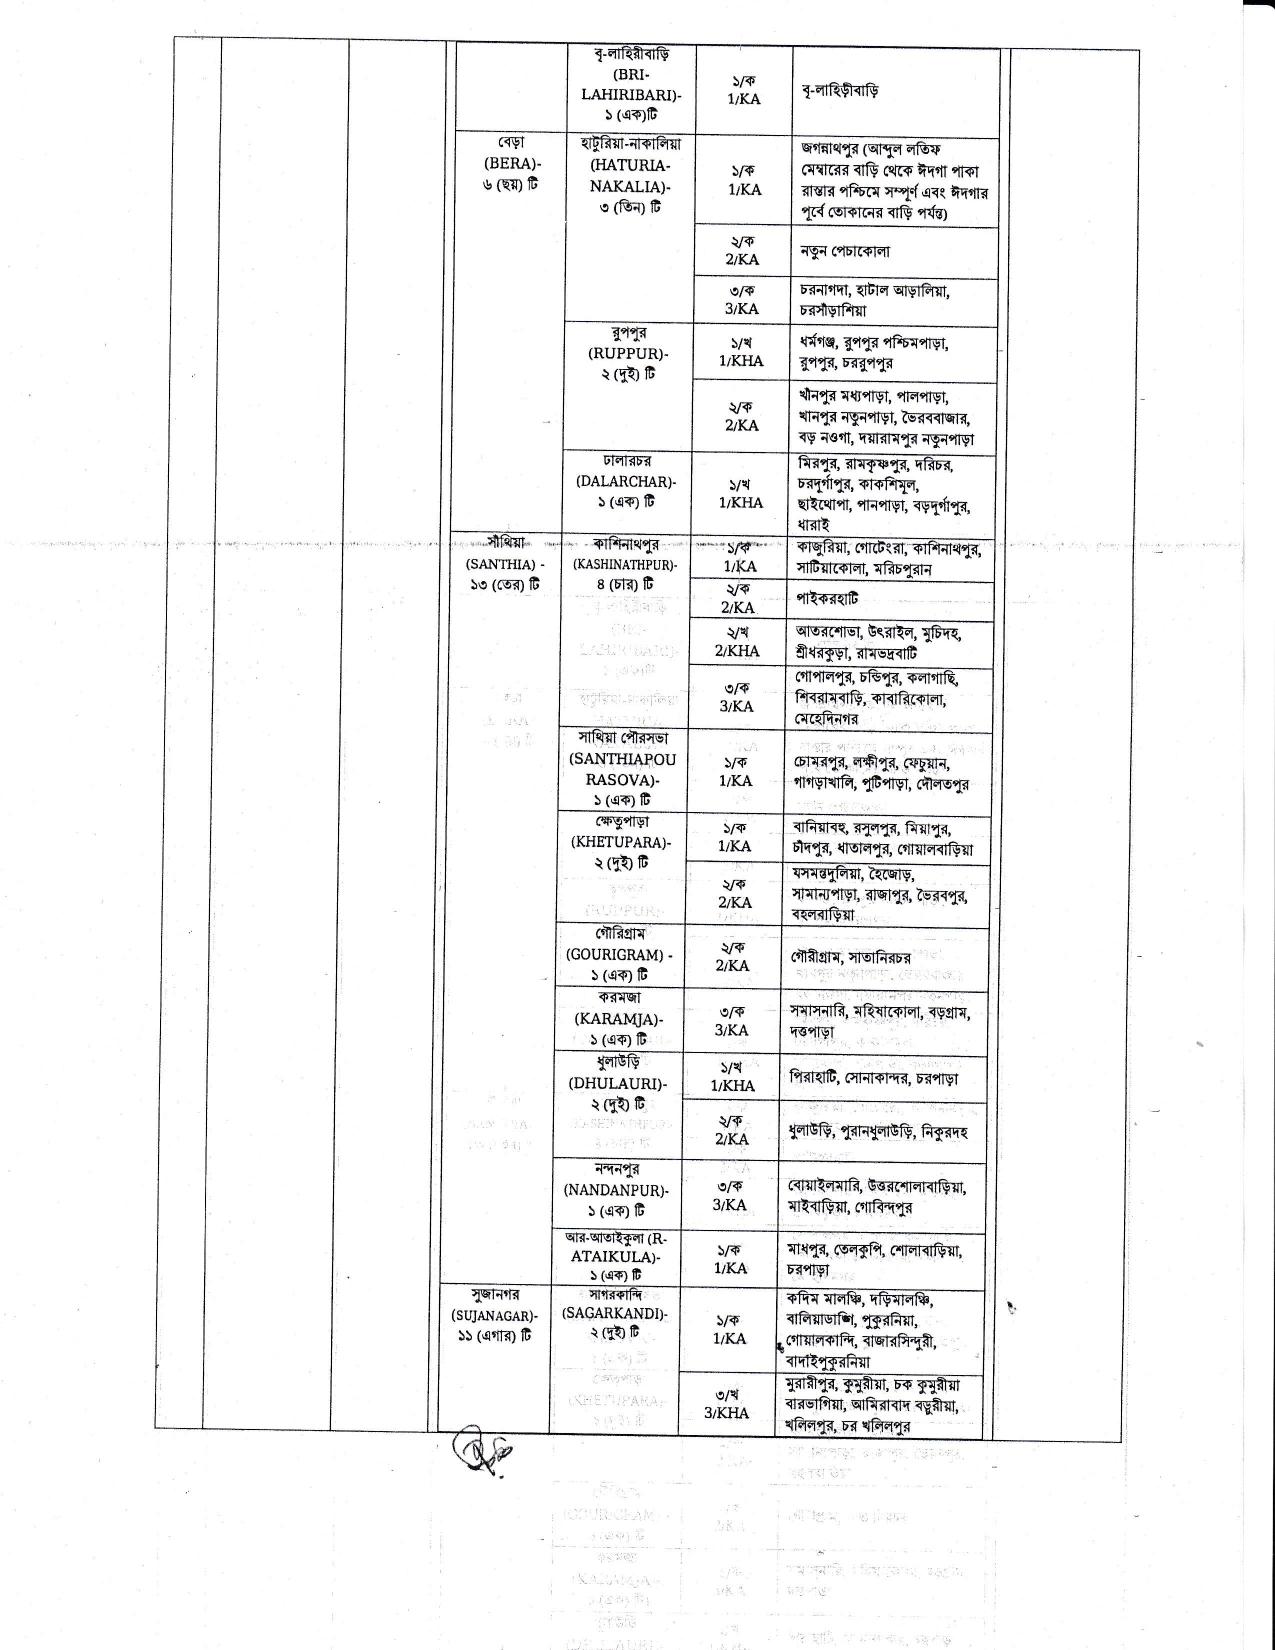 পাবনা জেলা পরিবার পরিকল্পনা নিয়োগ বিজ্ঞপ্তি ২০২১ - Pabna District poribar porikolpona job circular 2021 - স্বাস্থ্য ও পরিবার পরিকল্পনা অধিদপ্তরে নিয়োগ বিজ্ঞপ্তি ২০২১